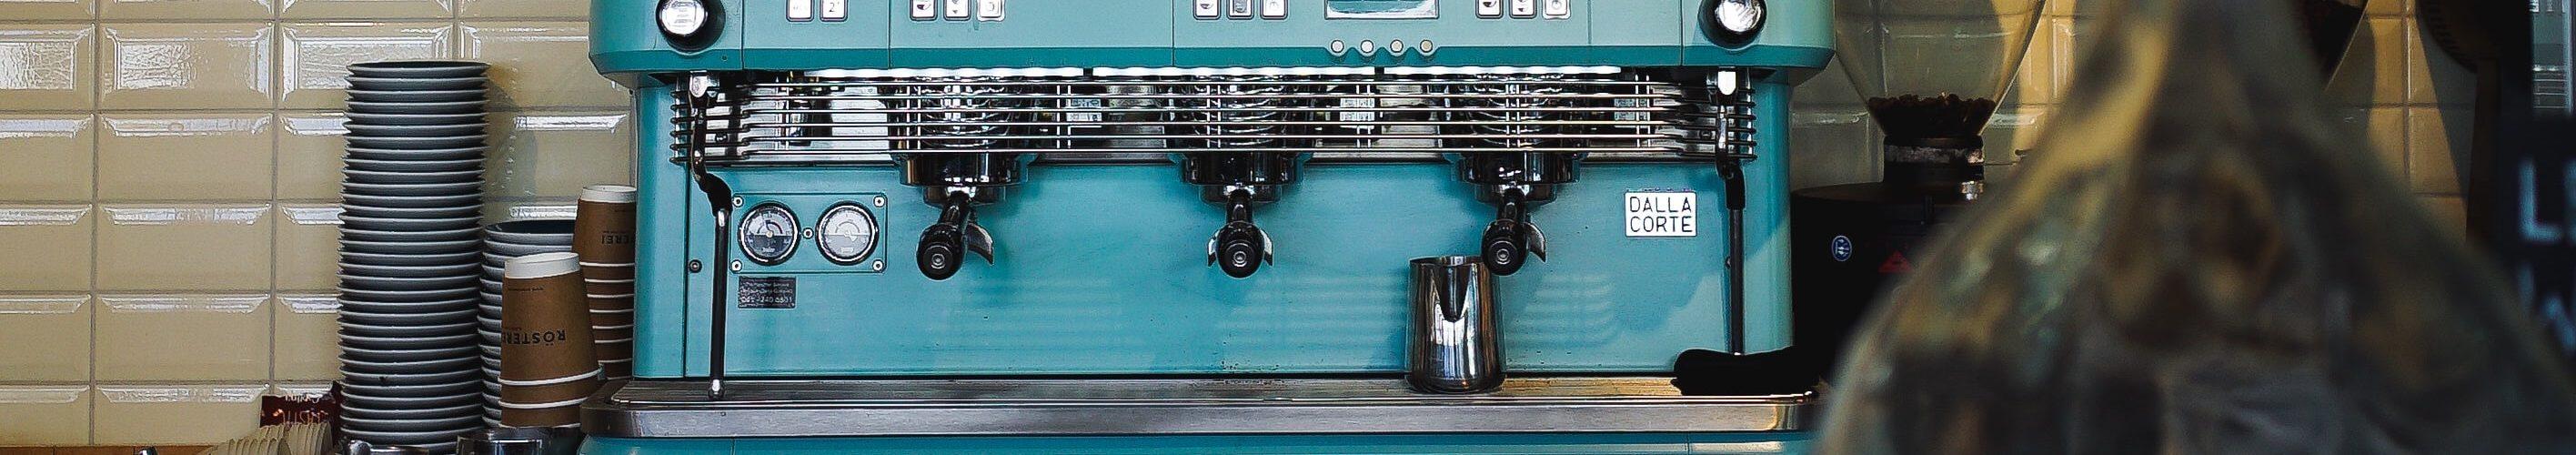 licht-blauwe-koffiemachine